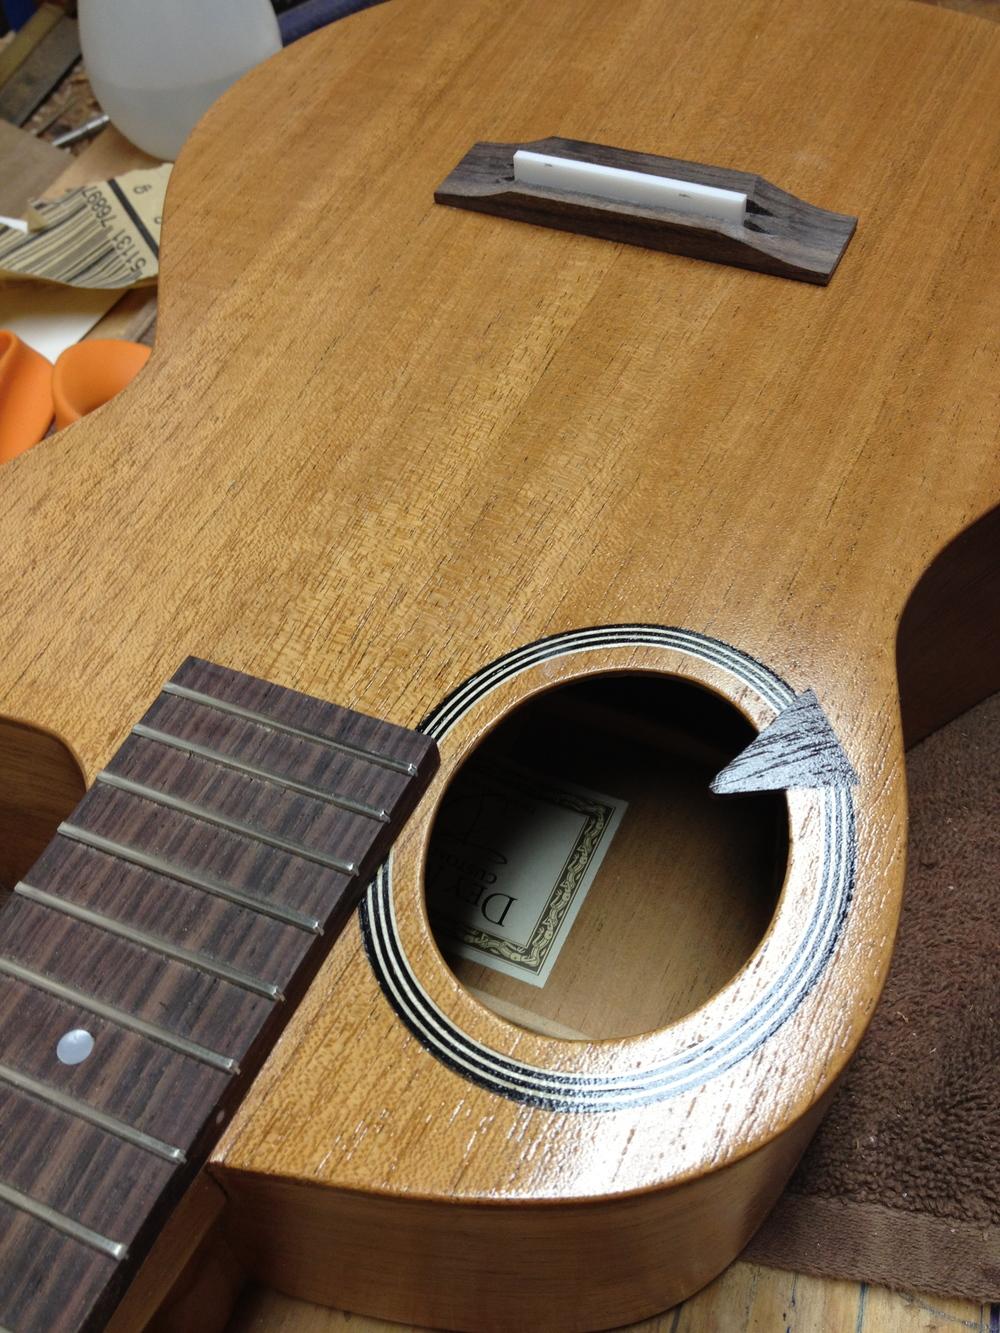 Model Q baritone ukulele